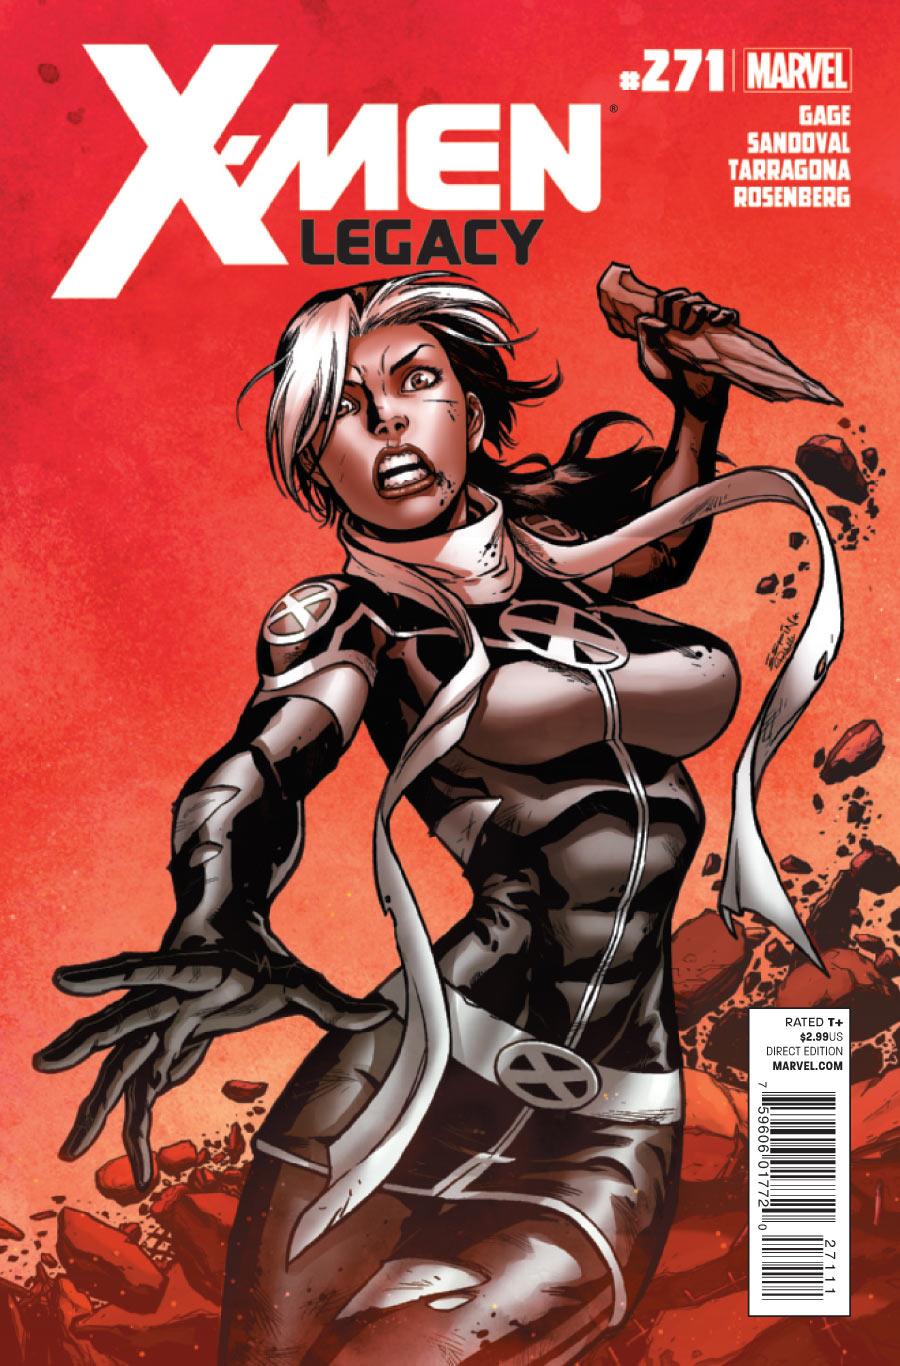 X-Men: Legacy #271